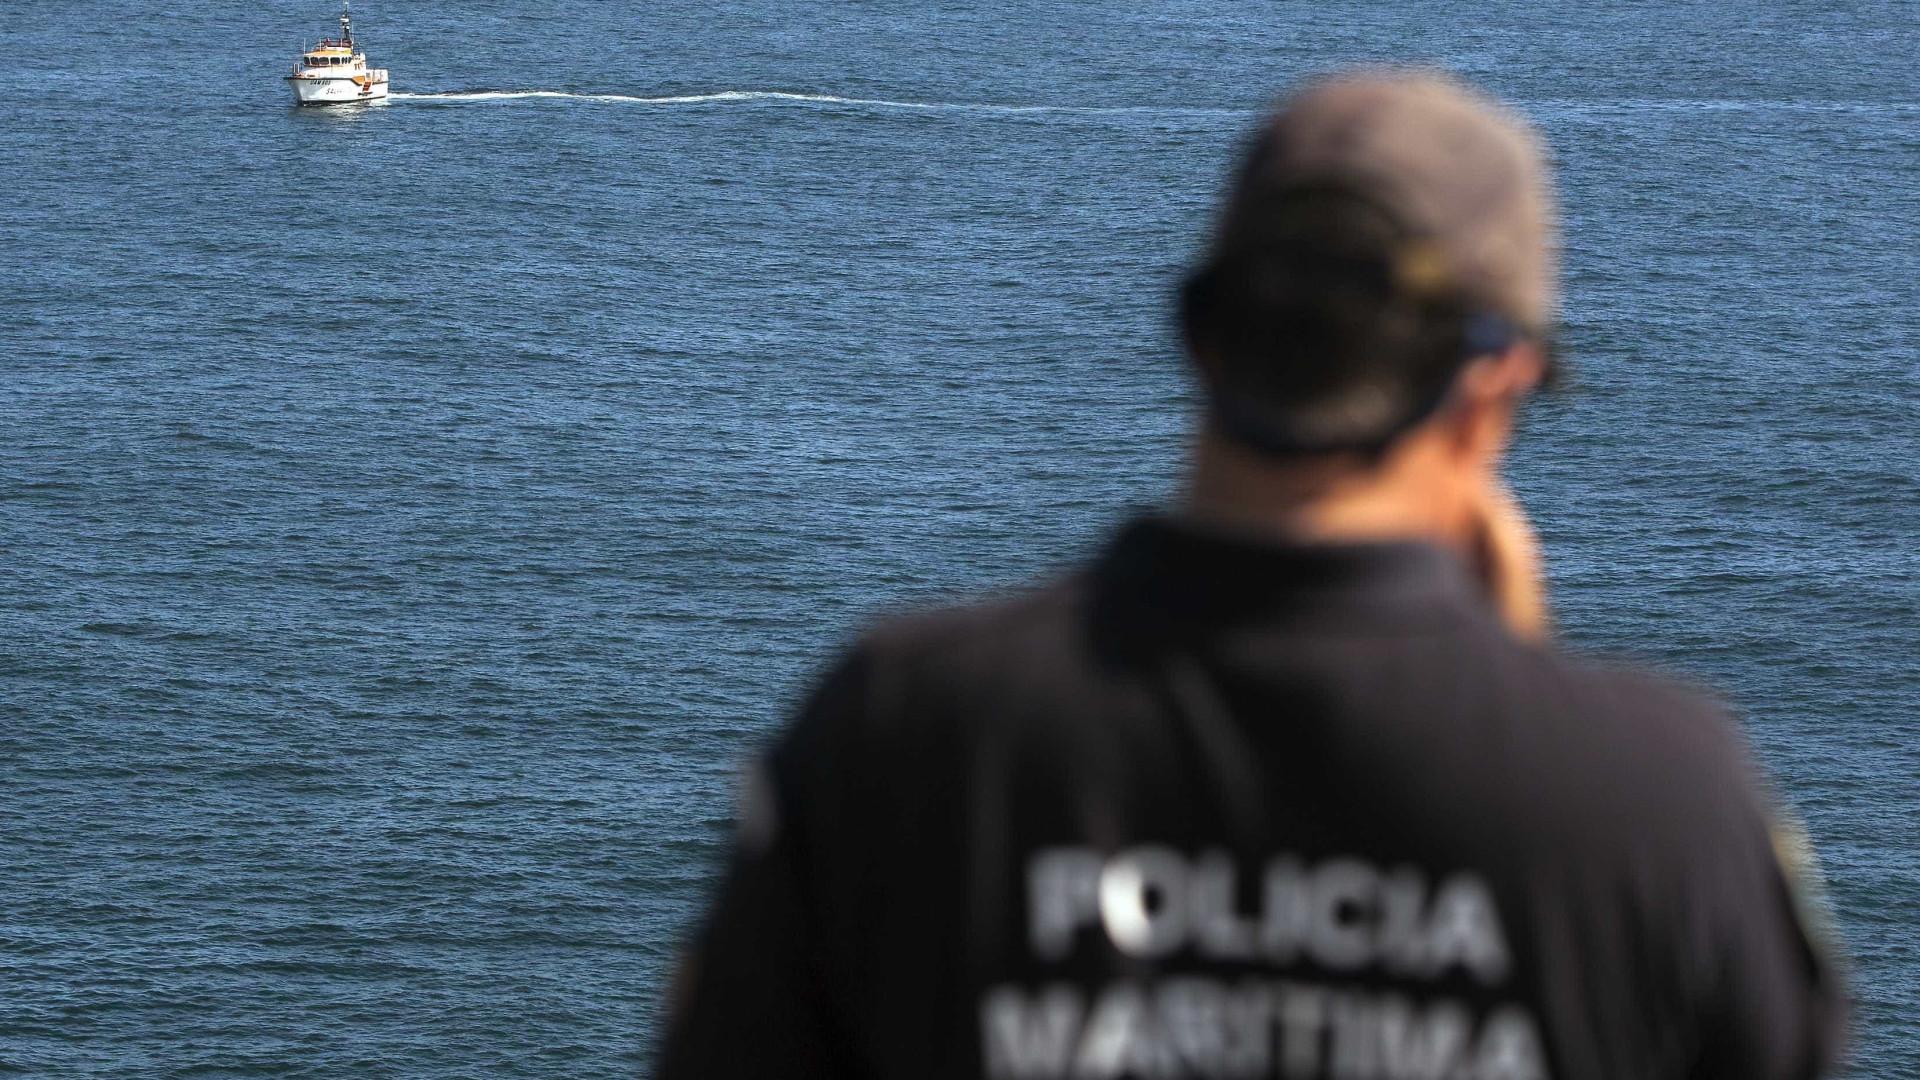 Corpo de homem de 45 anos encontrado em praia na Costa de Caparica